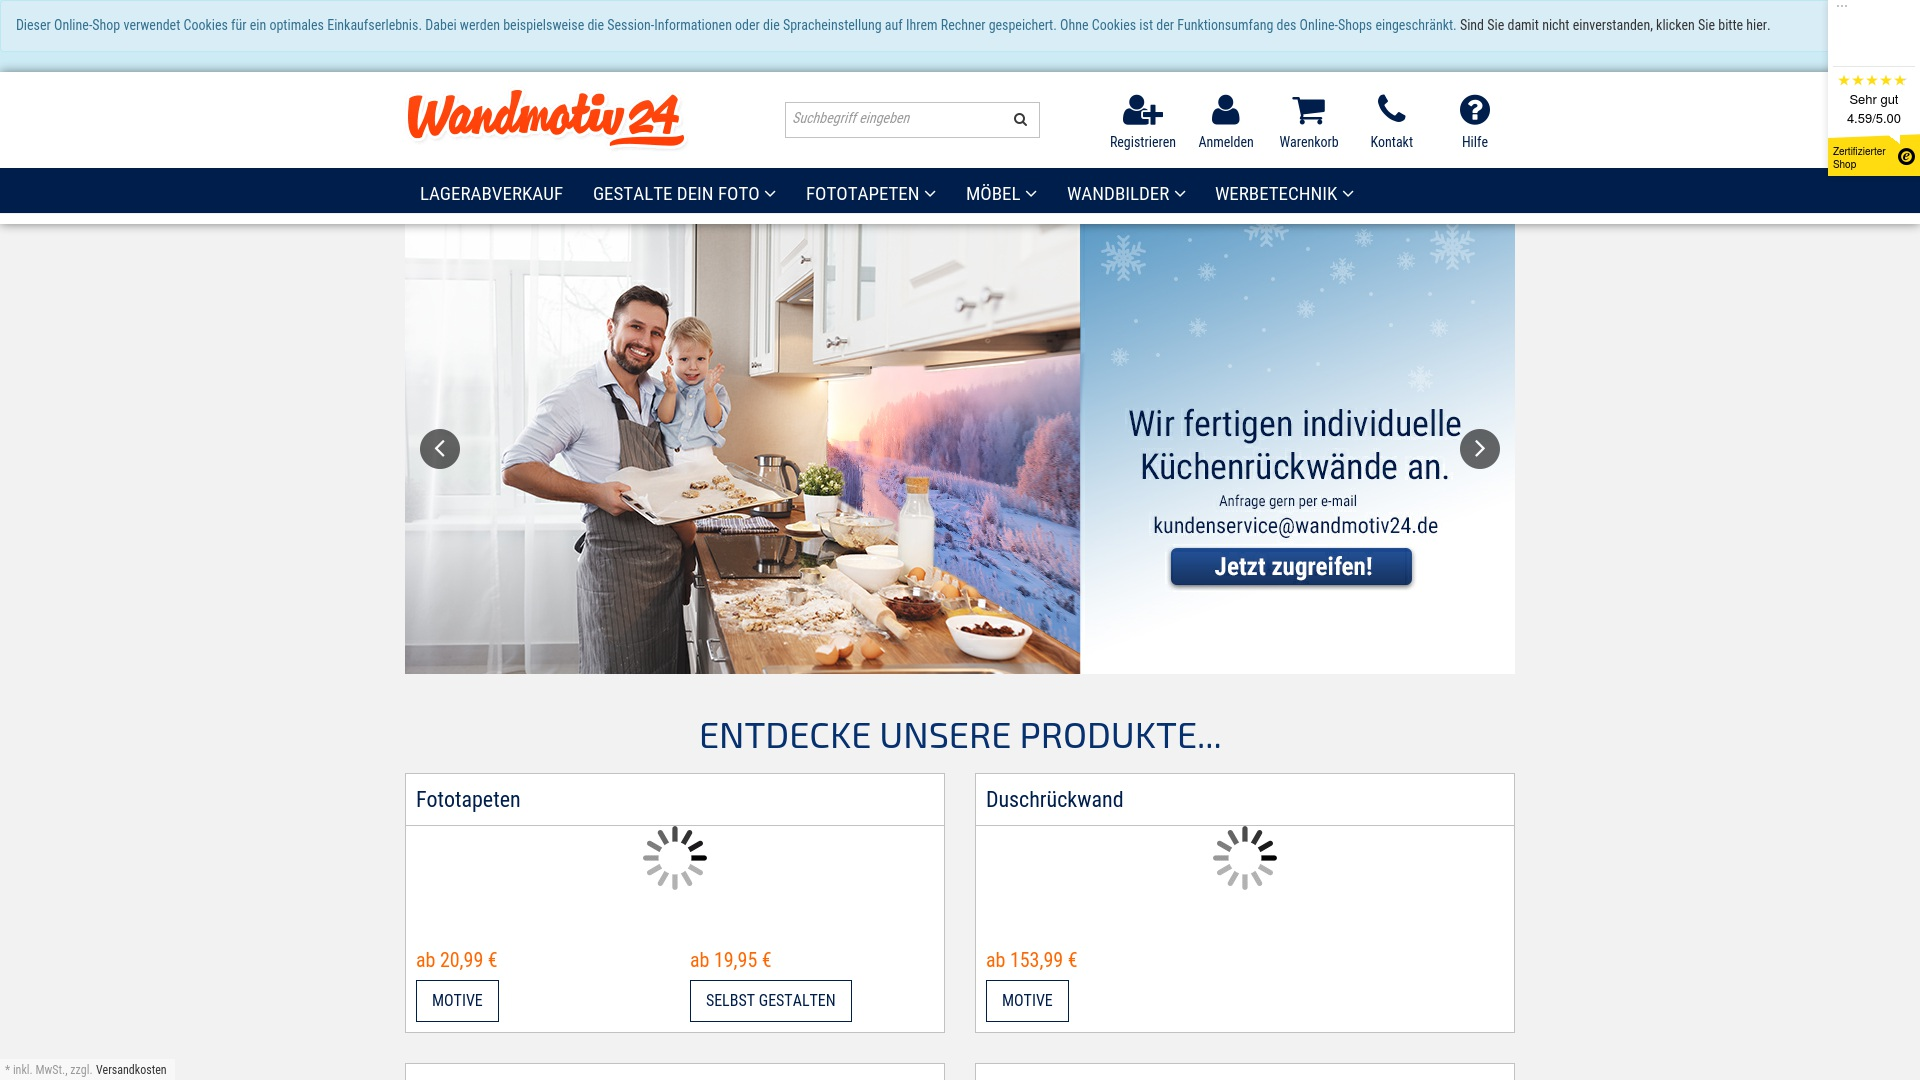 Gutschein für Wandmotiv24: Rabatte für  Wandmotiv24 sichern